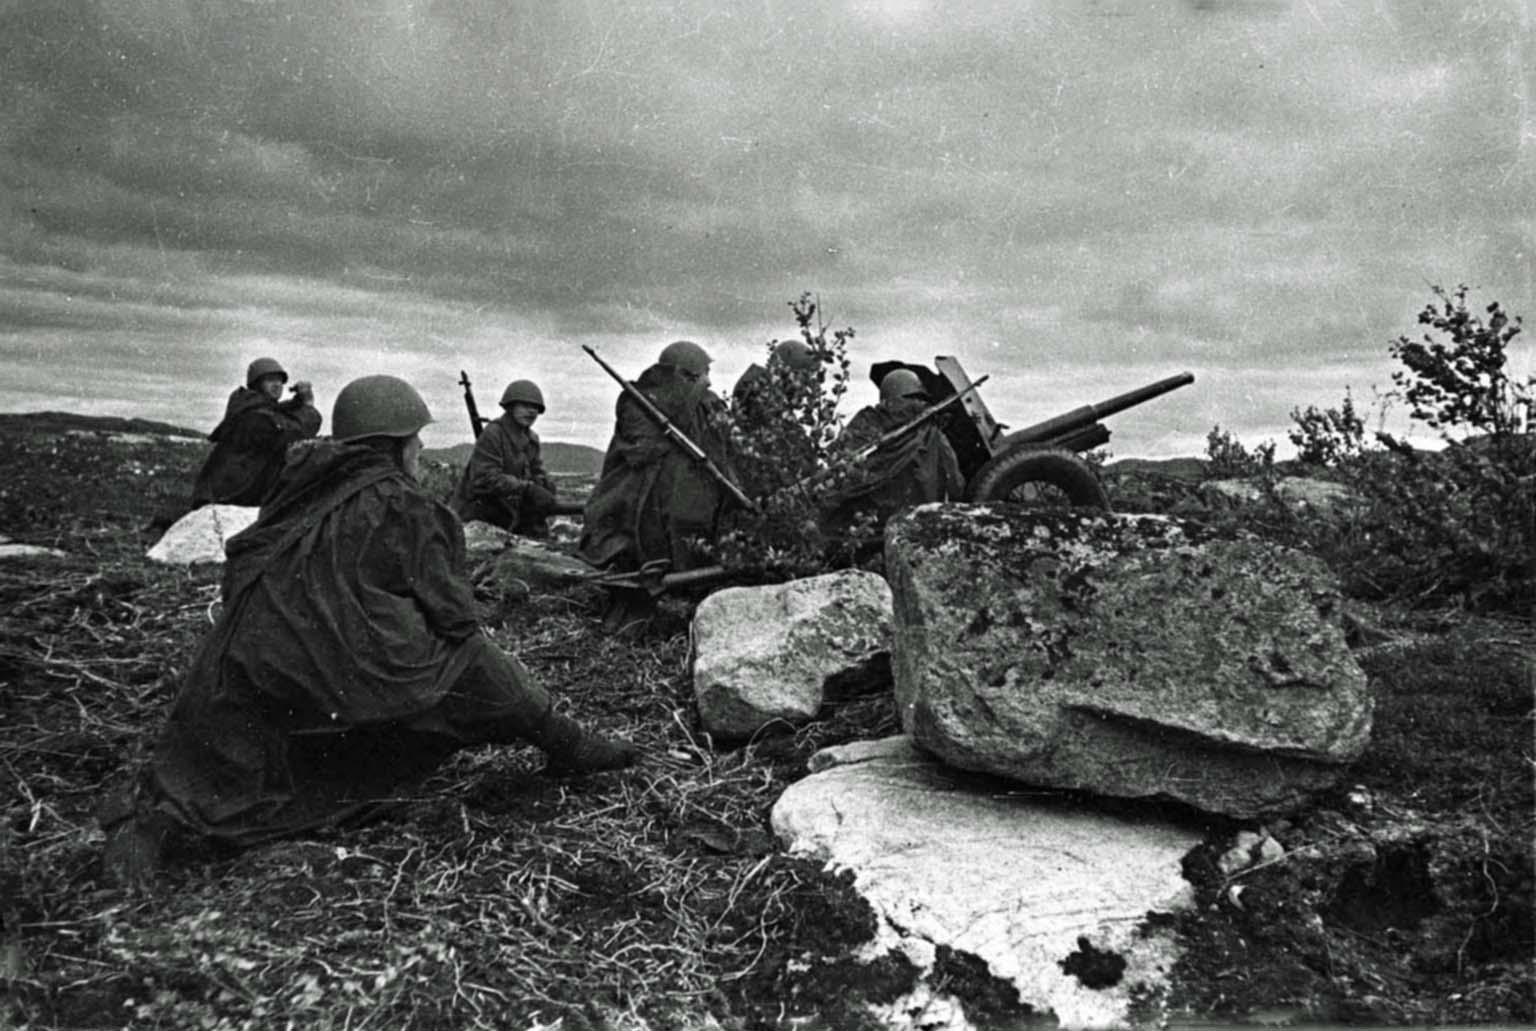 45-mm gun